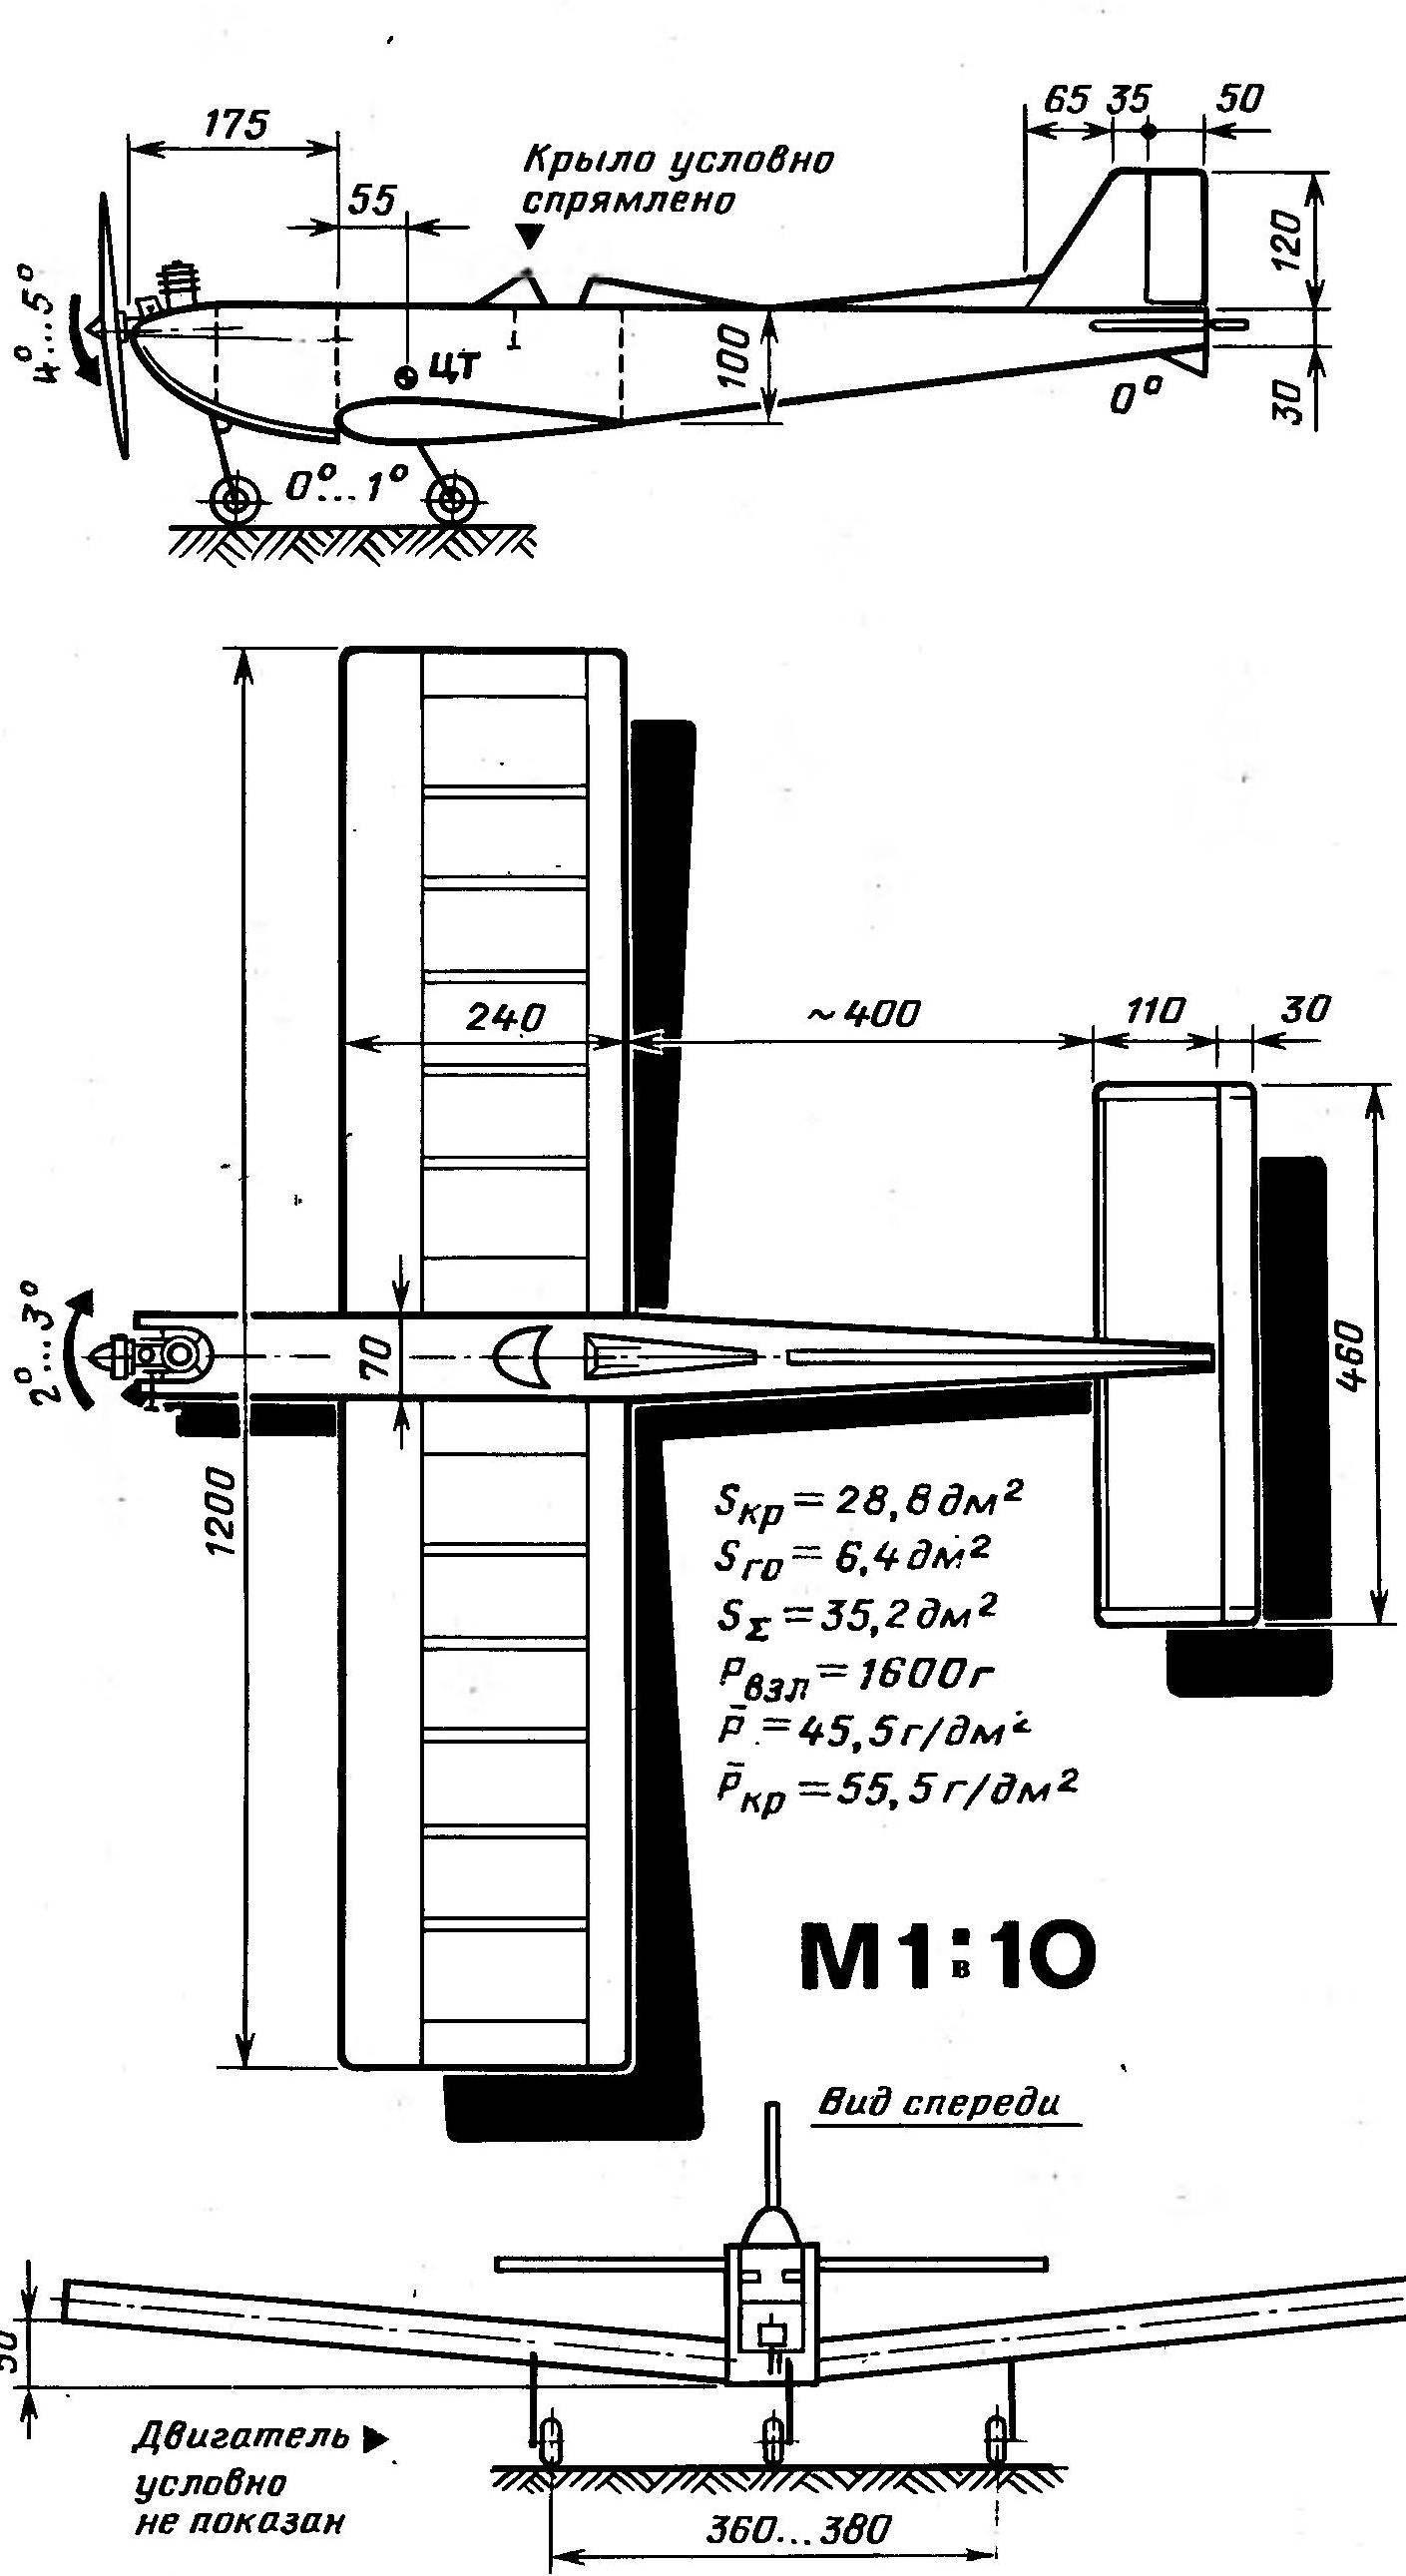 Рис. 1. Базовая модель.